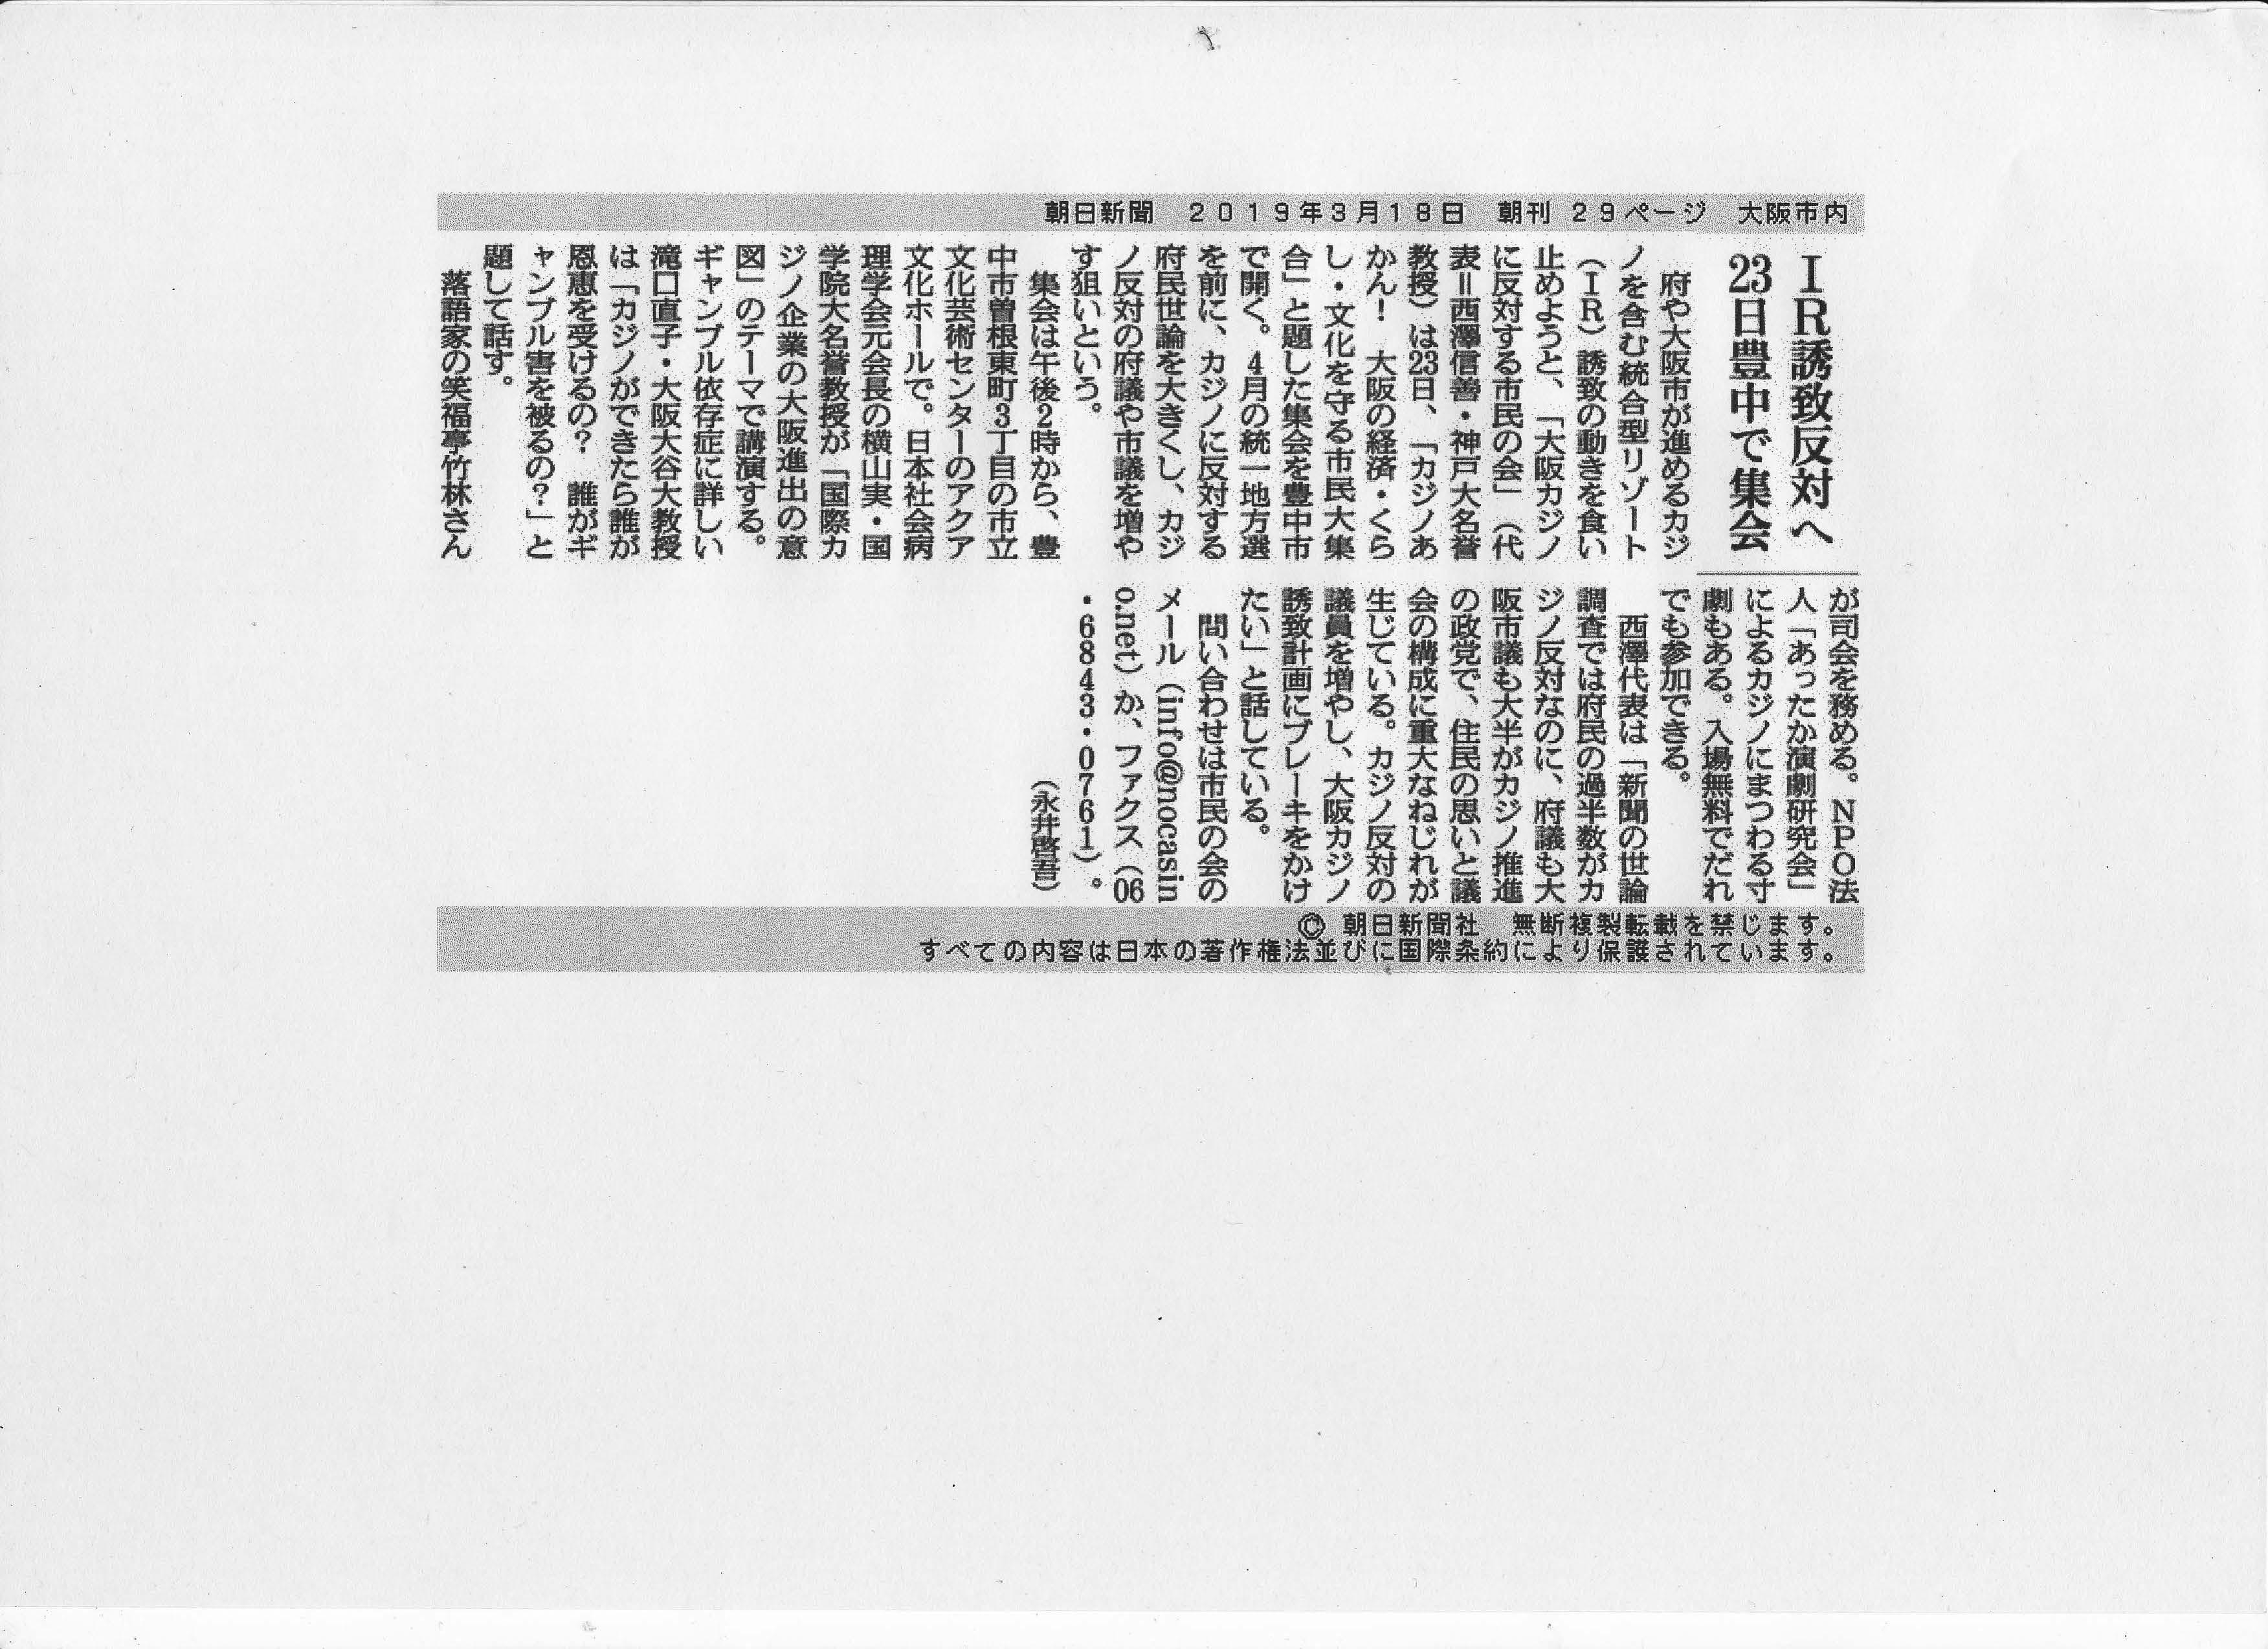 朝日新聞北摂版3月18日掲載